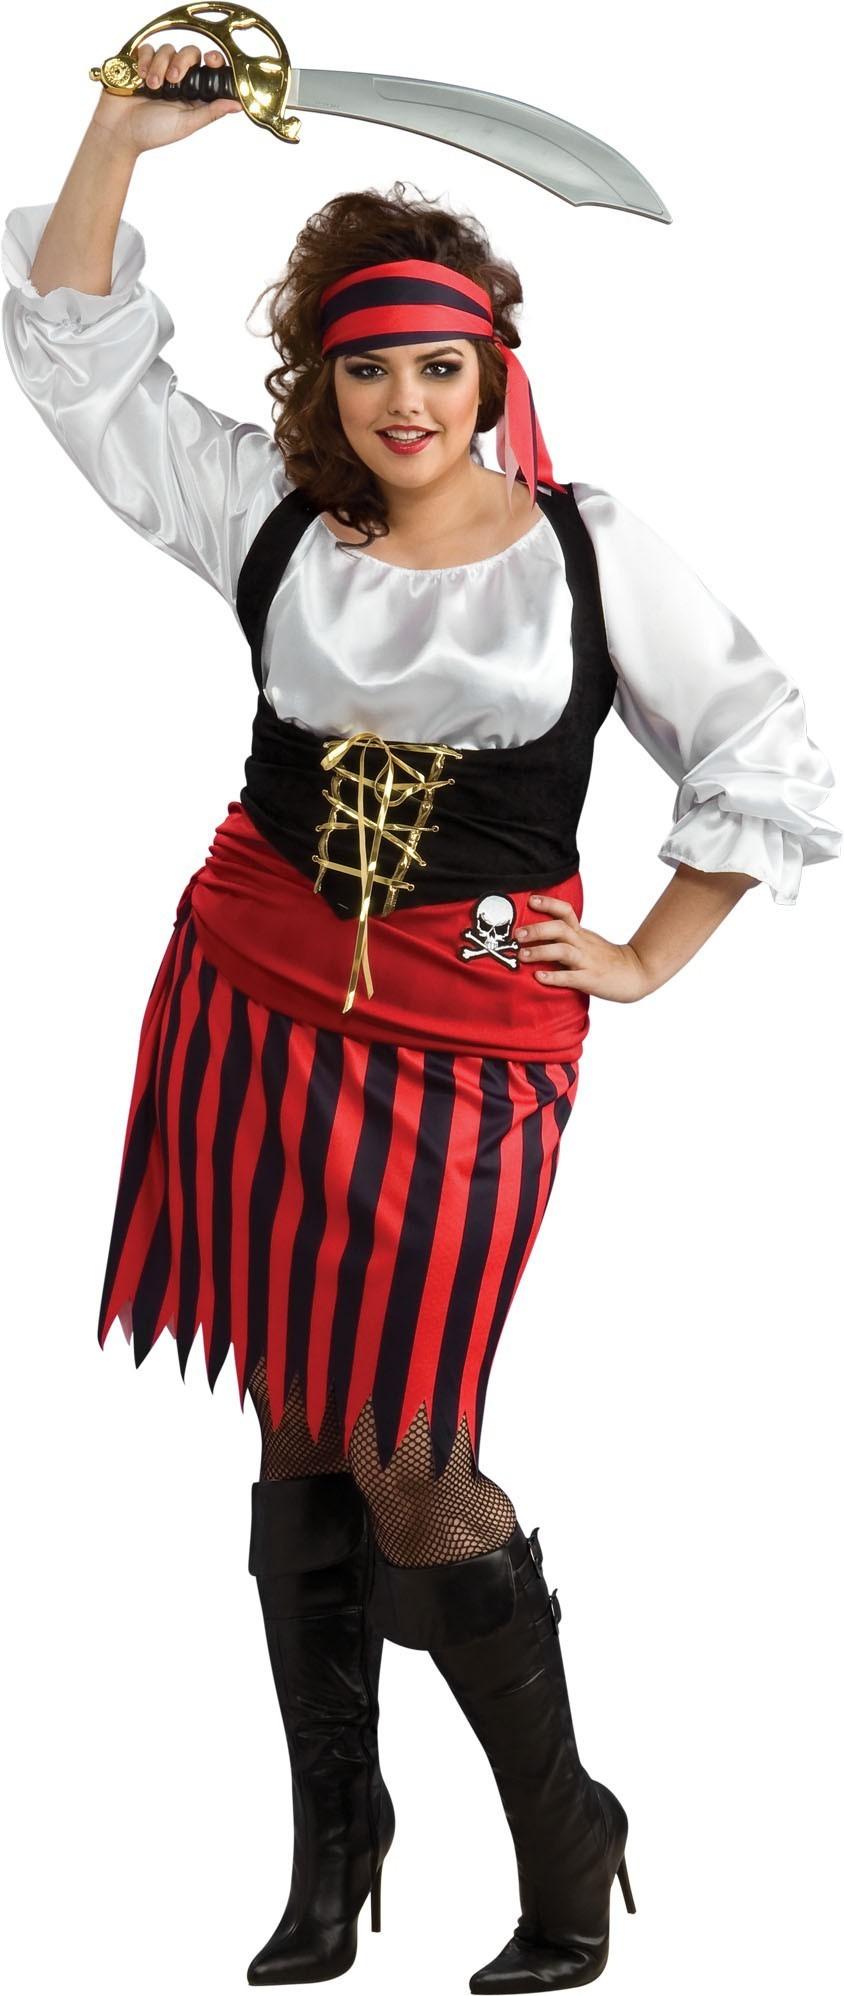 d guisement pirate femme vente de d guisements pirate et d guisement pirate femme. Black Bedroom Furniture Sets. Home Design Ideas